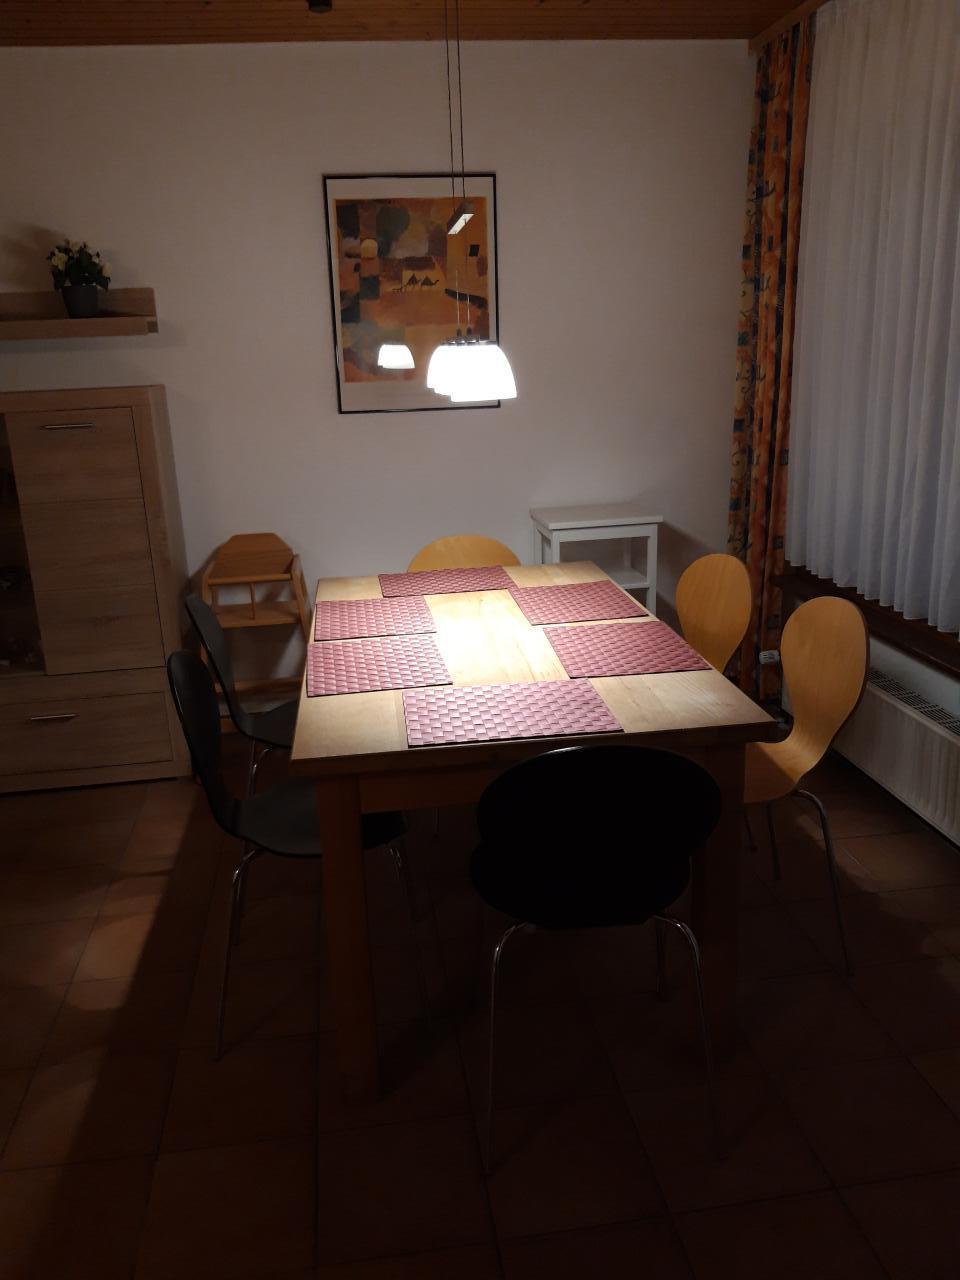 Ferienhaus / Bungalow 15 neu renoviert für 4-6 Personen in der Rhön Residence Bungalows (757460), Dipperz, Rhön (Hessen), Hessen, Deutschland, Bild 9